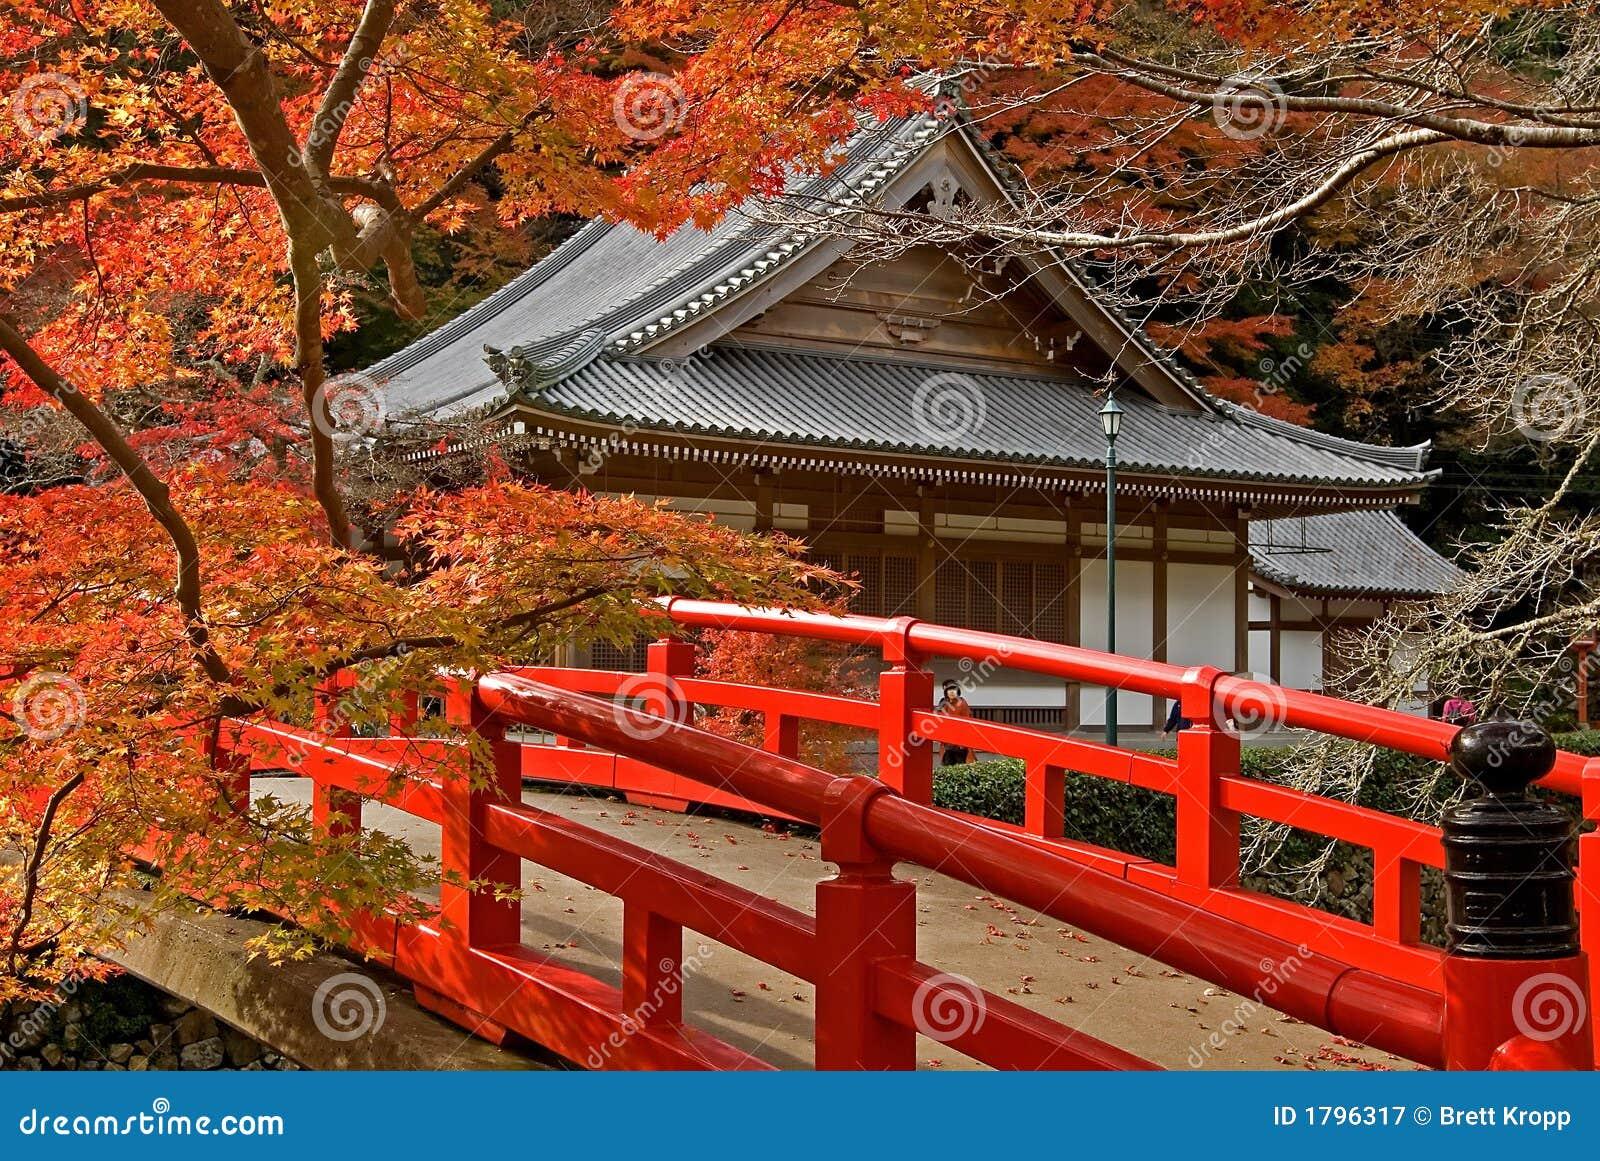 [Ambientación] La Capilla Templo-japon%C3%A9s-1796317